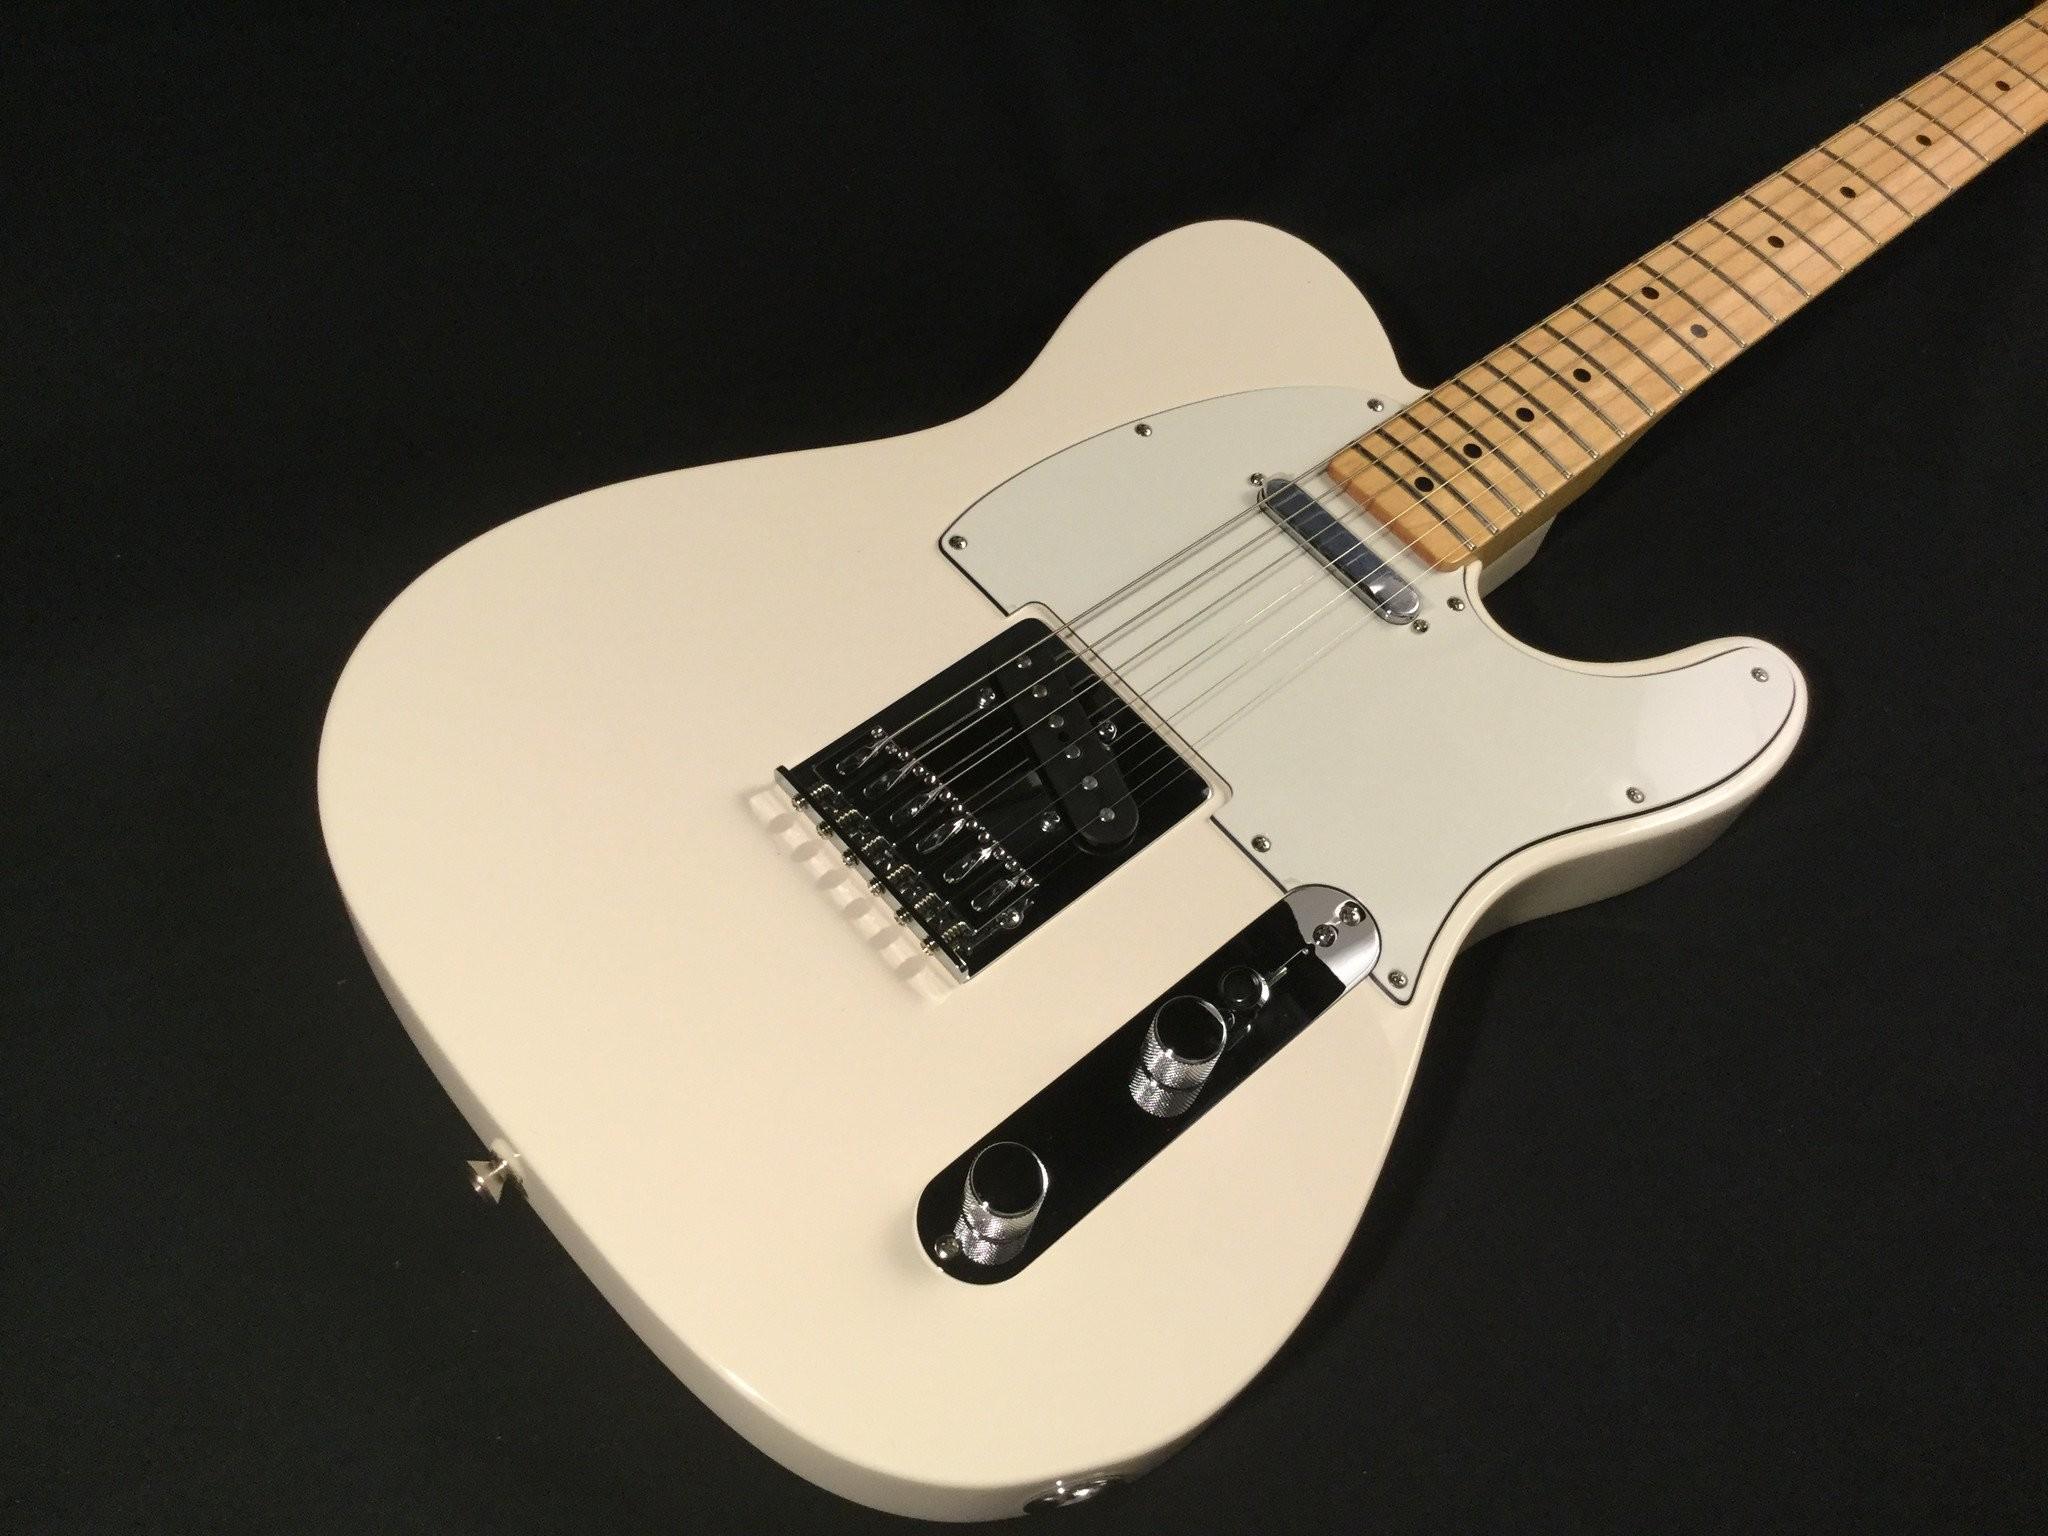 Fender Standard Telecaster – Arctic White, Maple fingerboard